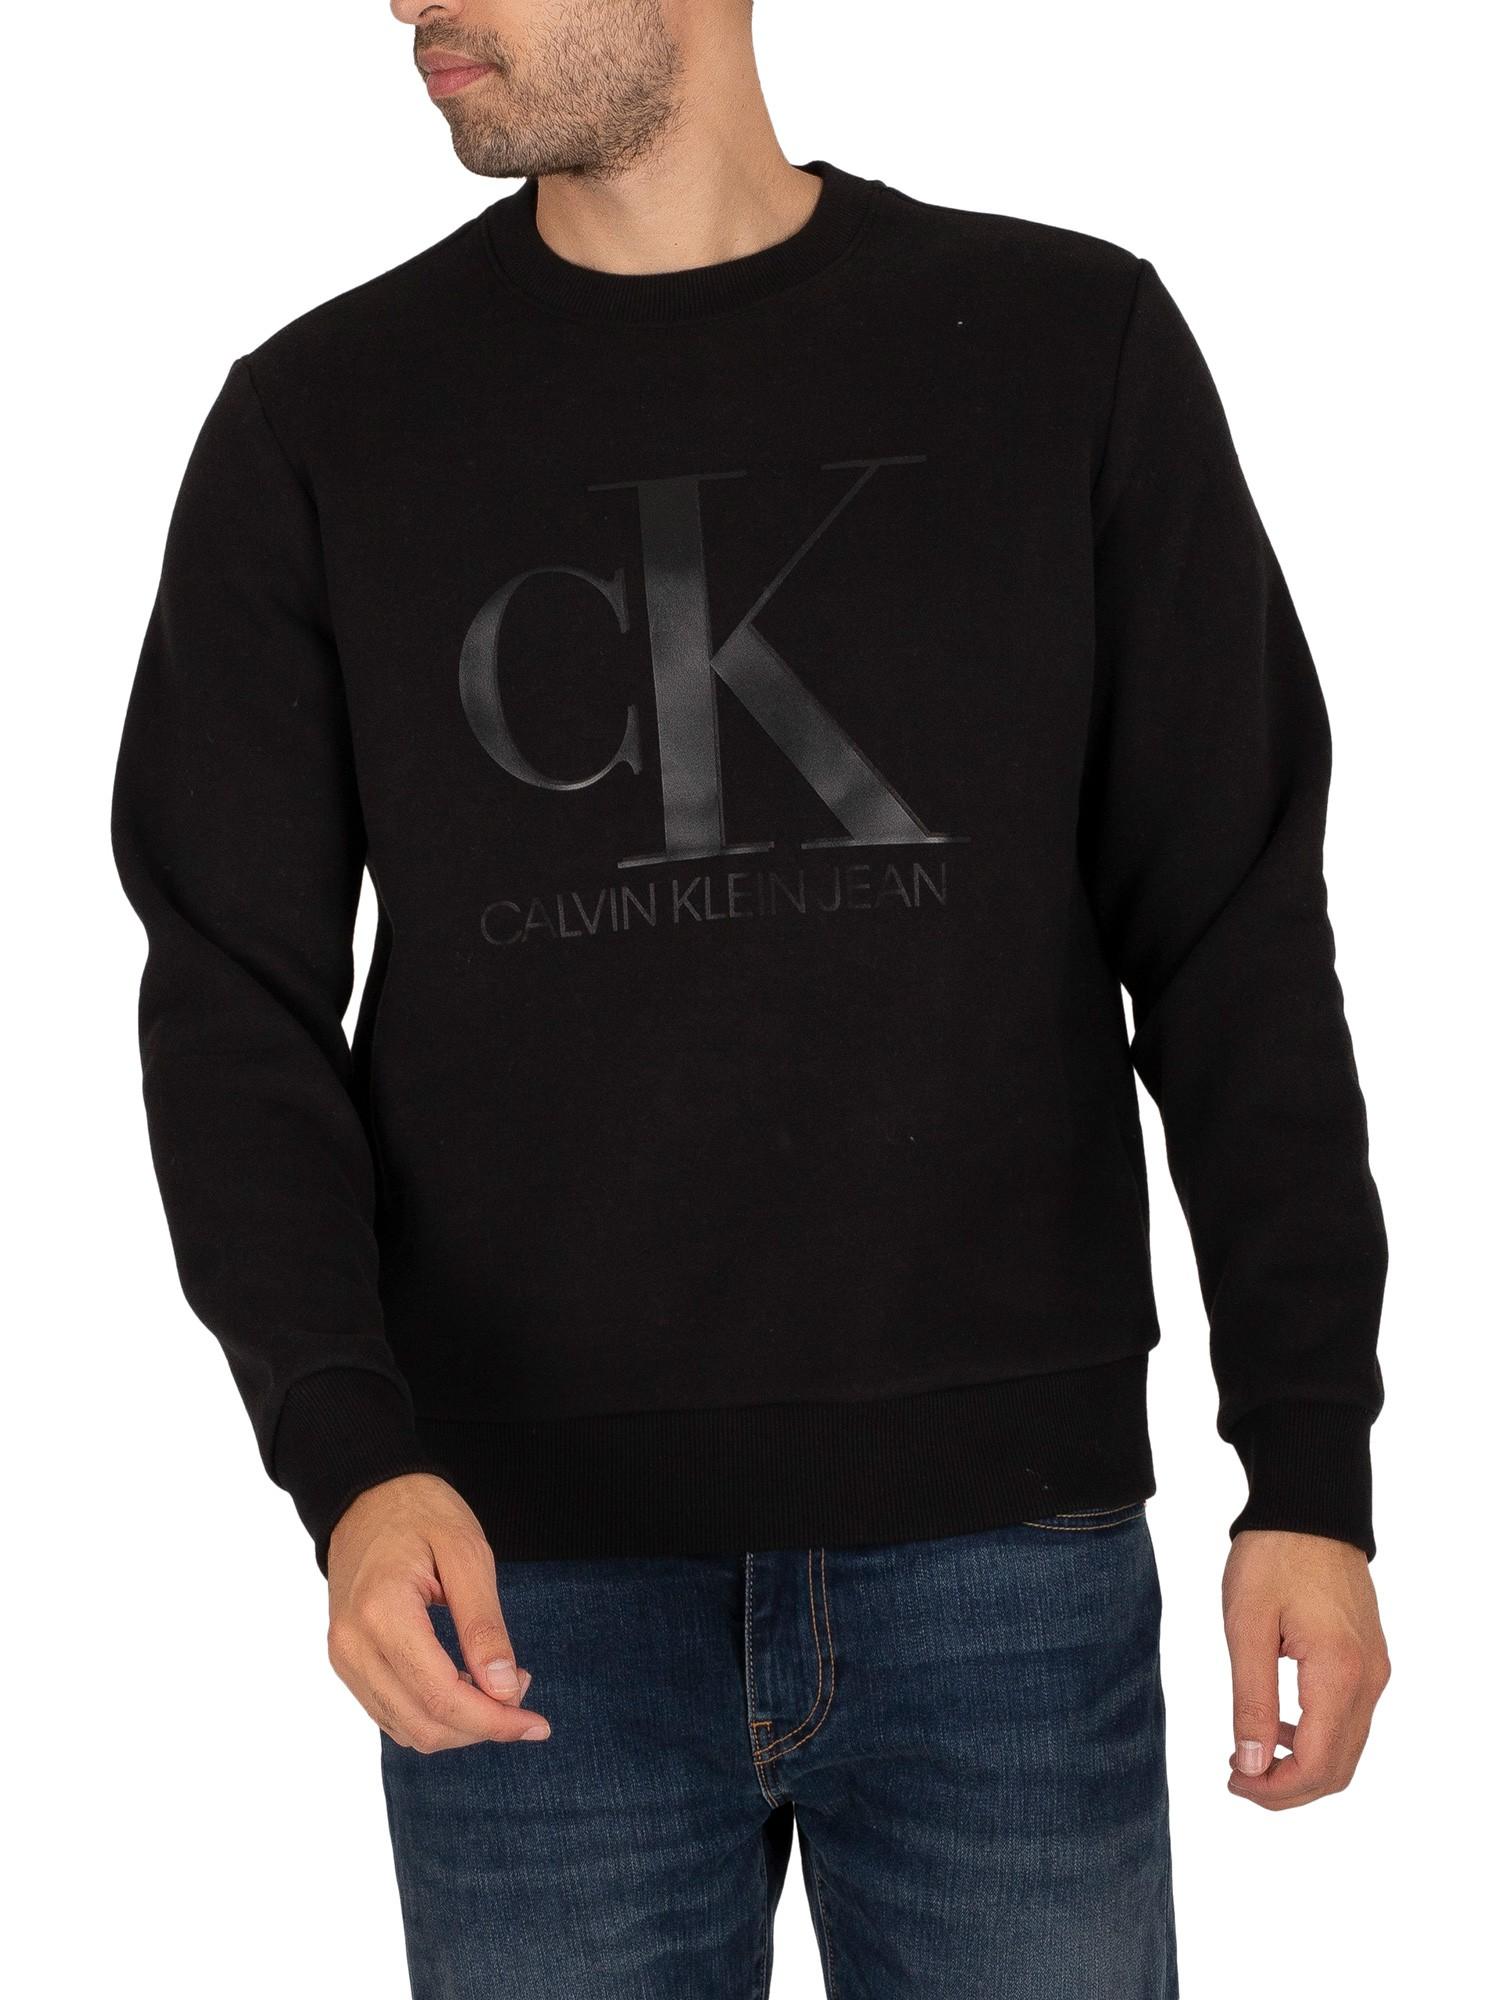 Leather-Monogram-Sweatshirt